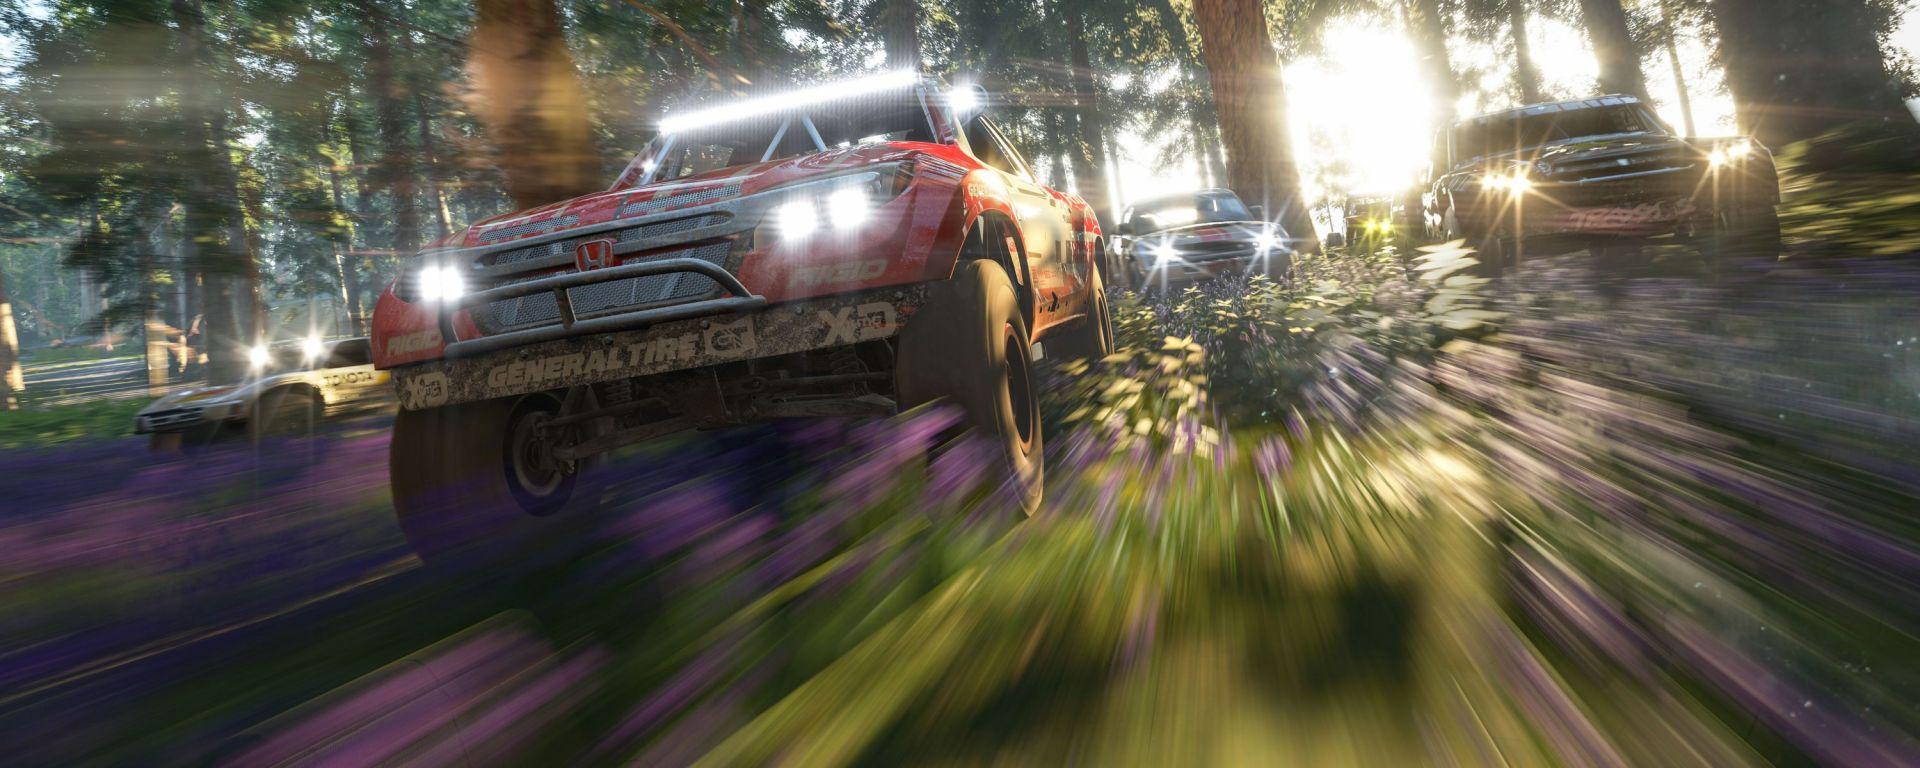 Forza Horizon 4: un'immagine di gioco